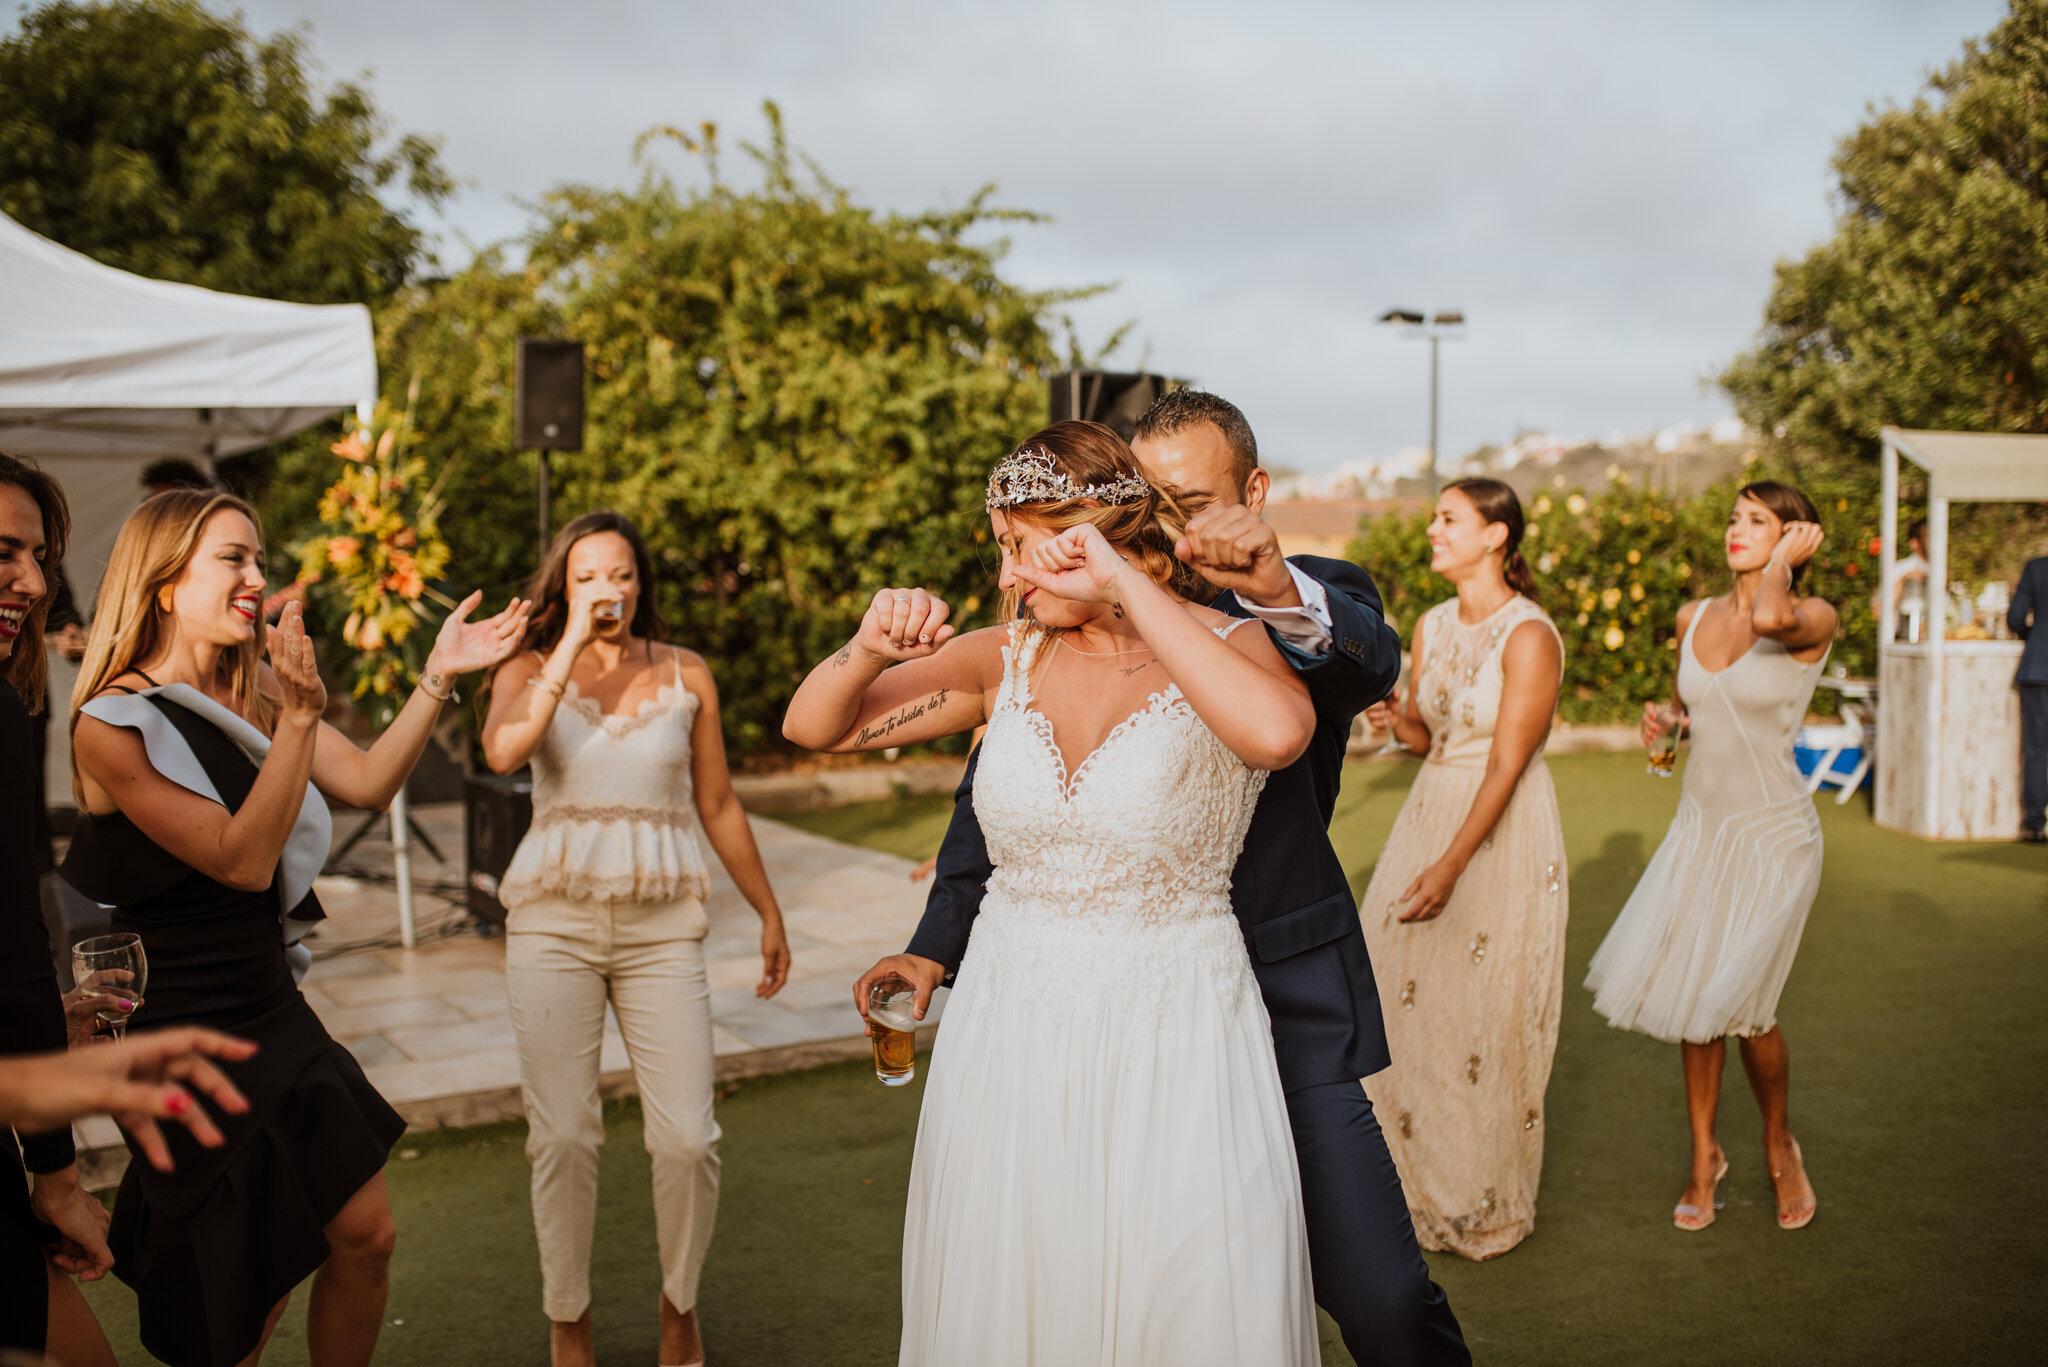 fotografo de bodas las palmas_-109.jpg